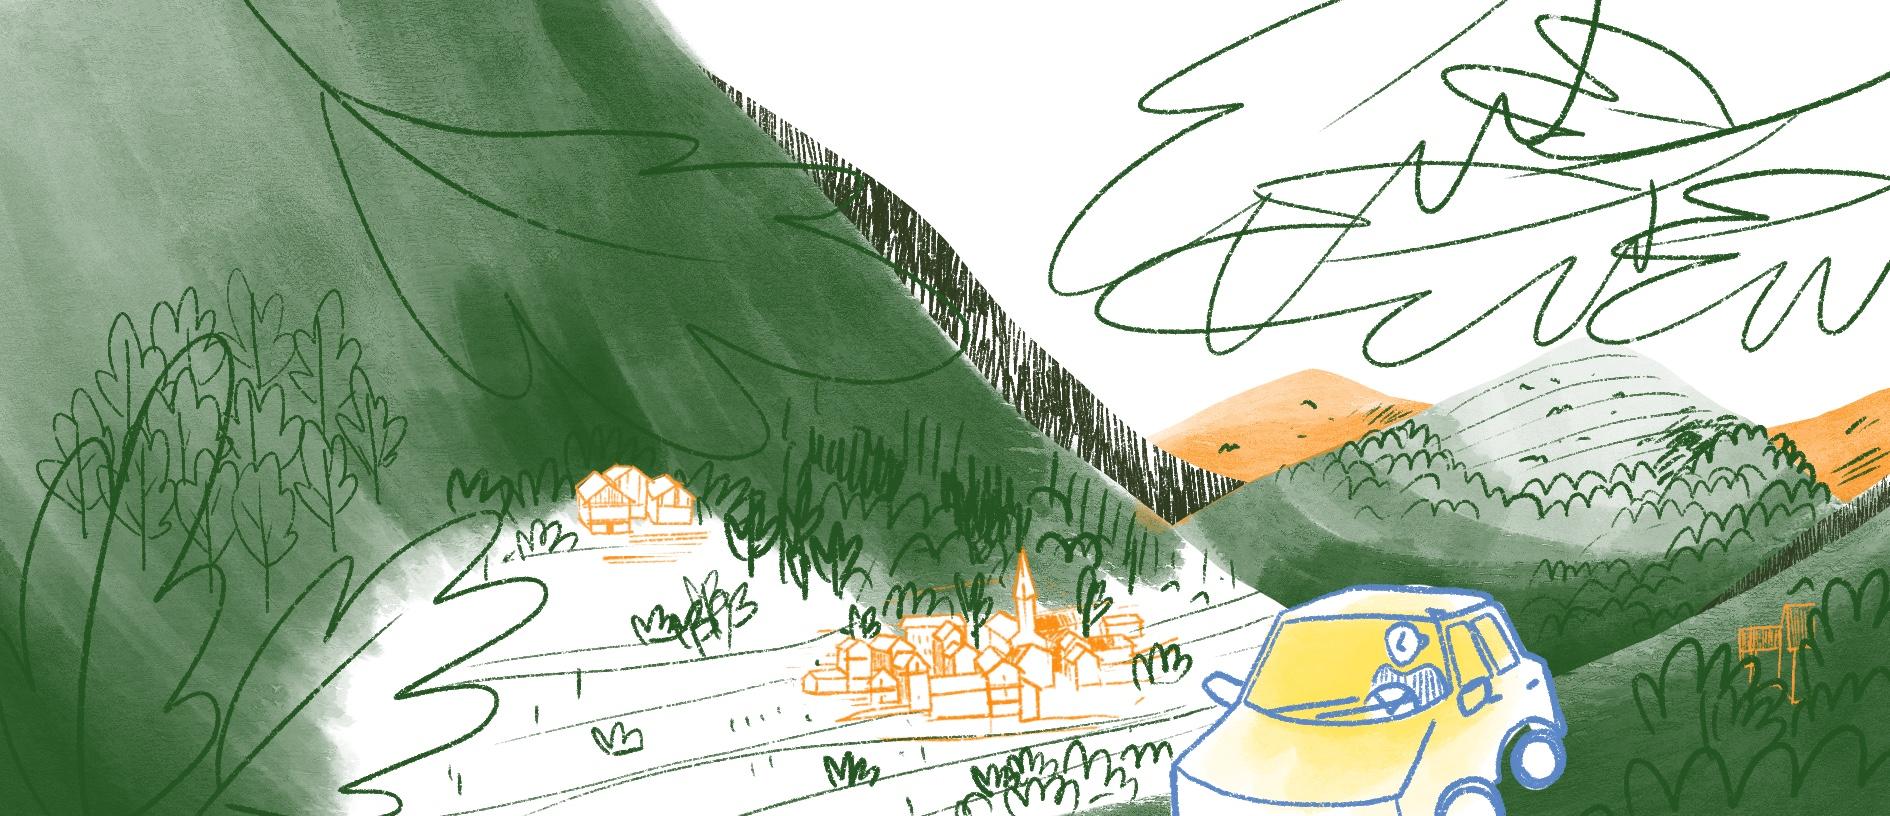 La forêt aujourd'hui, boisements spontanés, une histoire illustrée, Copin.